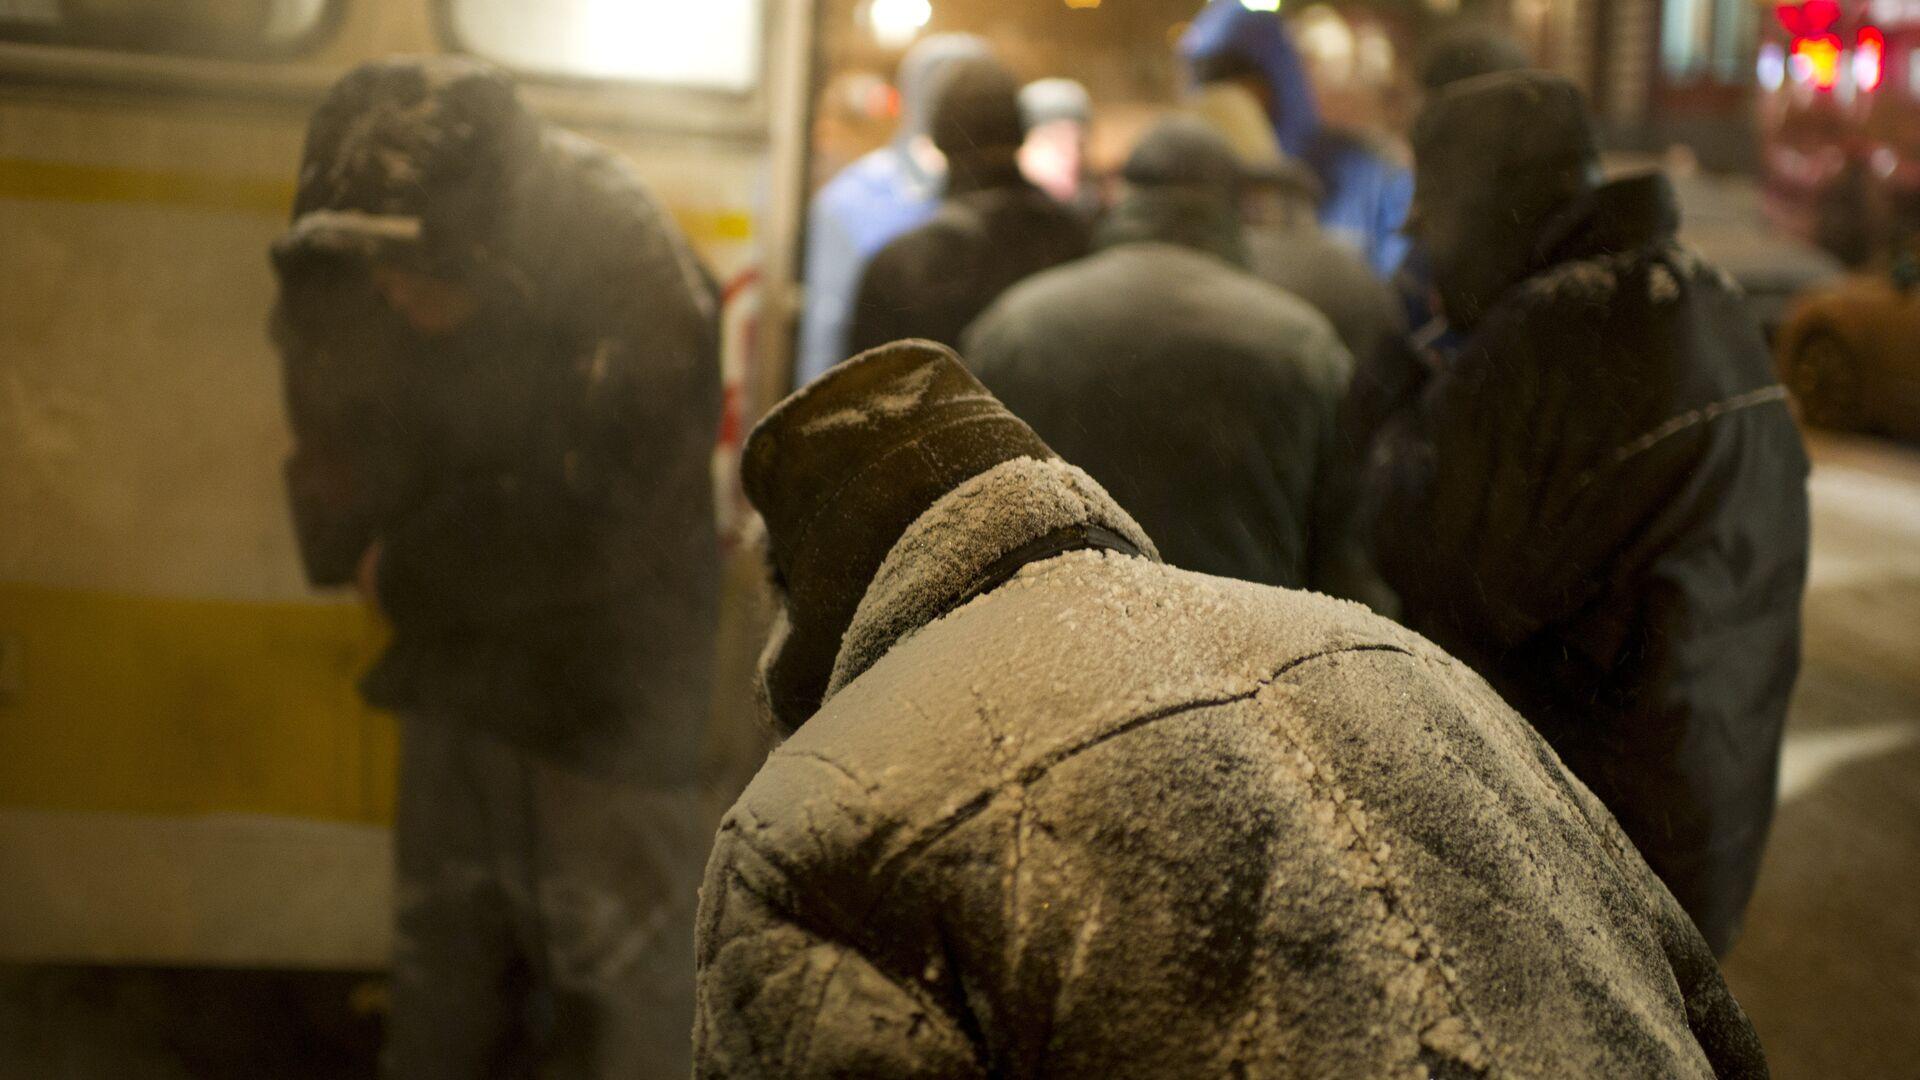 Бездомные люди у автобуса православной службы помощи Милосердие - РИА Новости, 1920, 21.01.2021